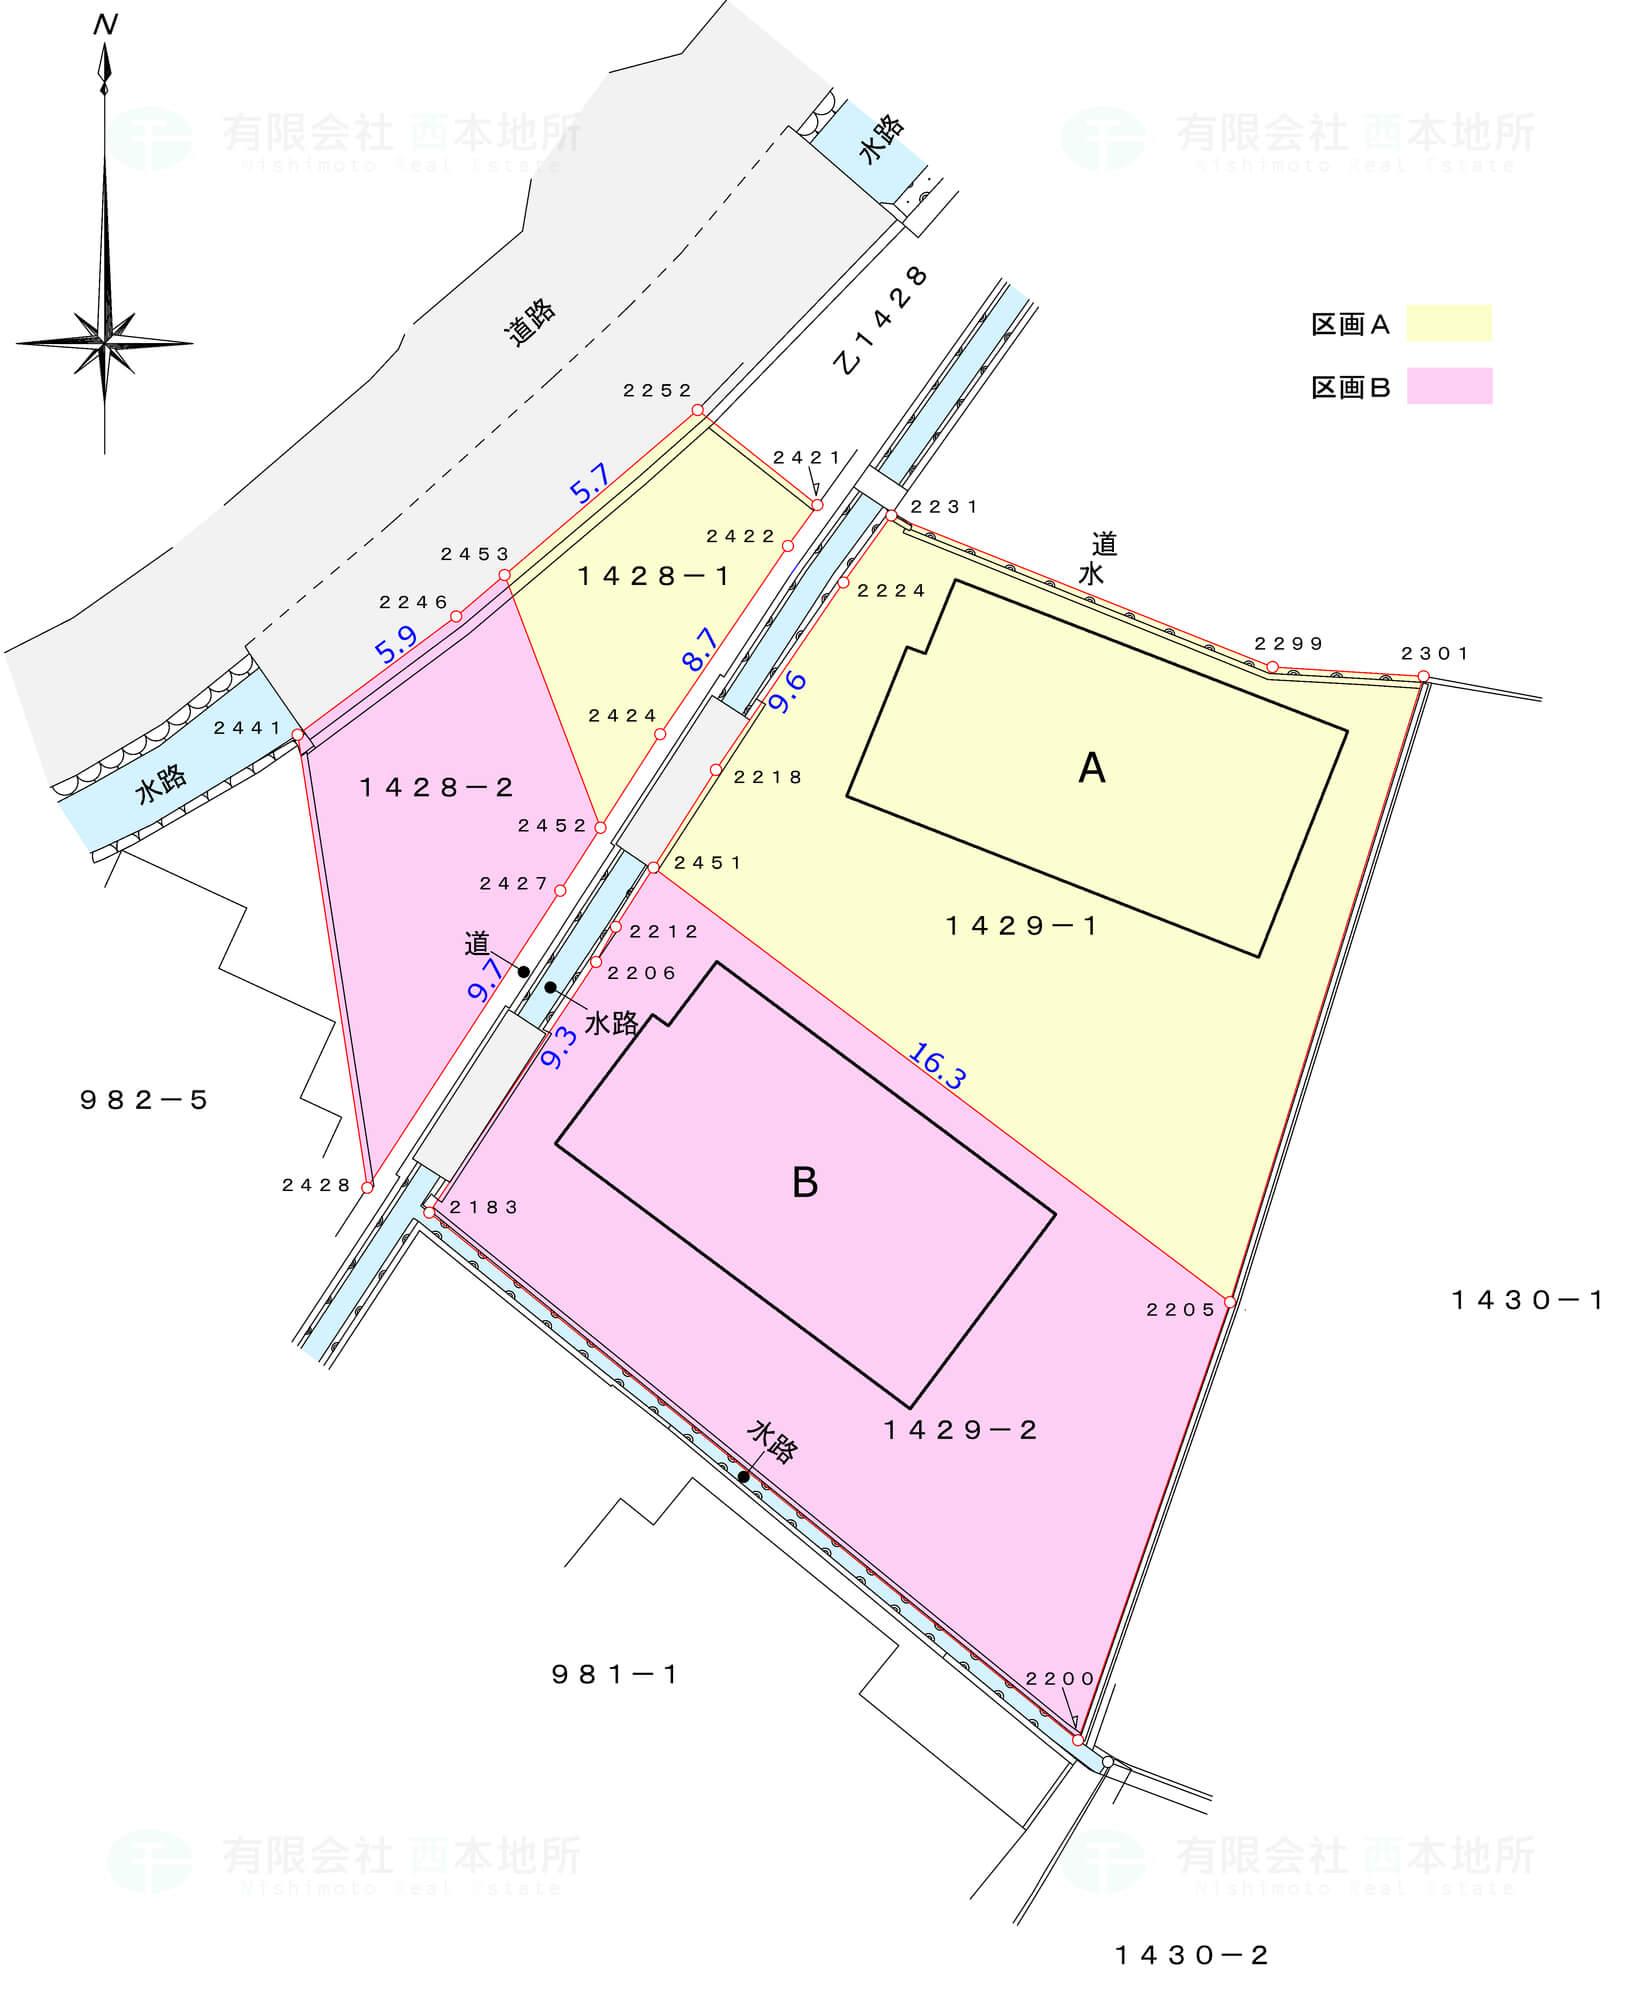 2区画配置図